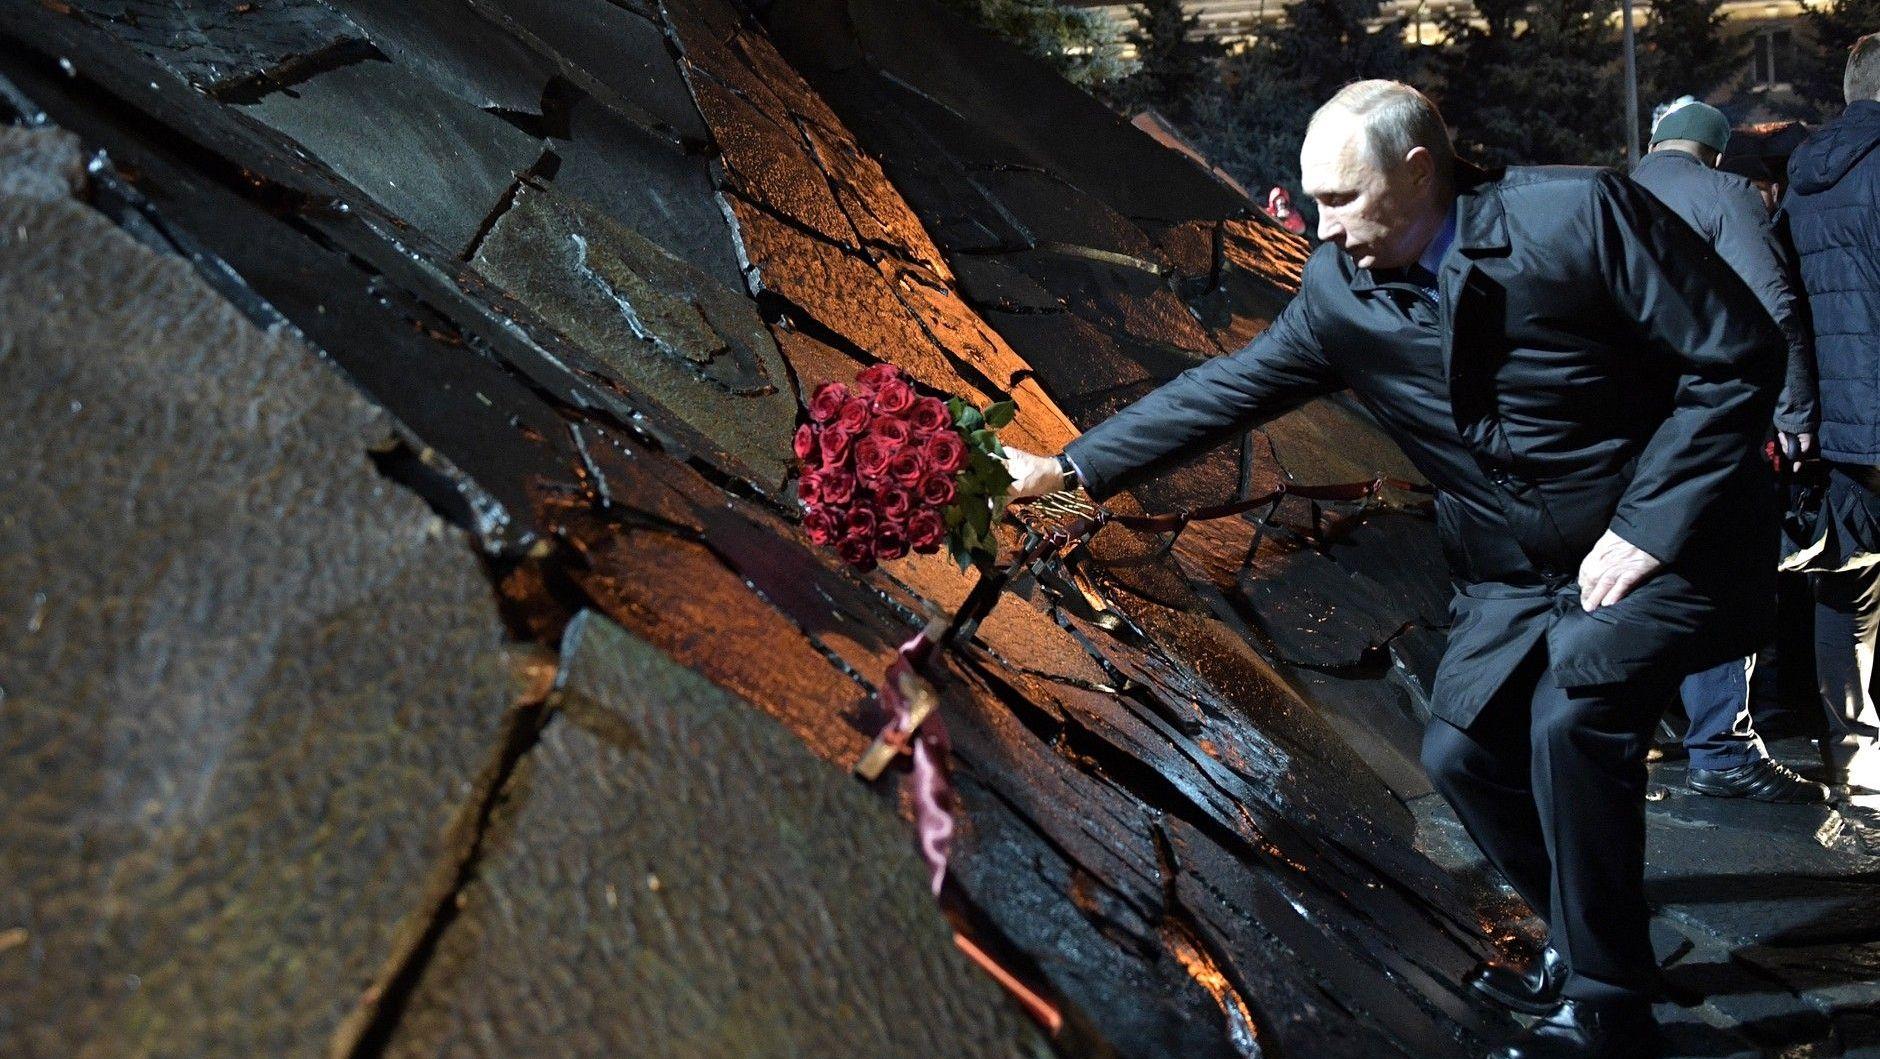 На церемонии открытия мемориала памяти жертв политических репрессий «Стена скорби»